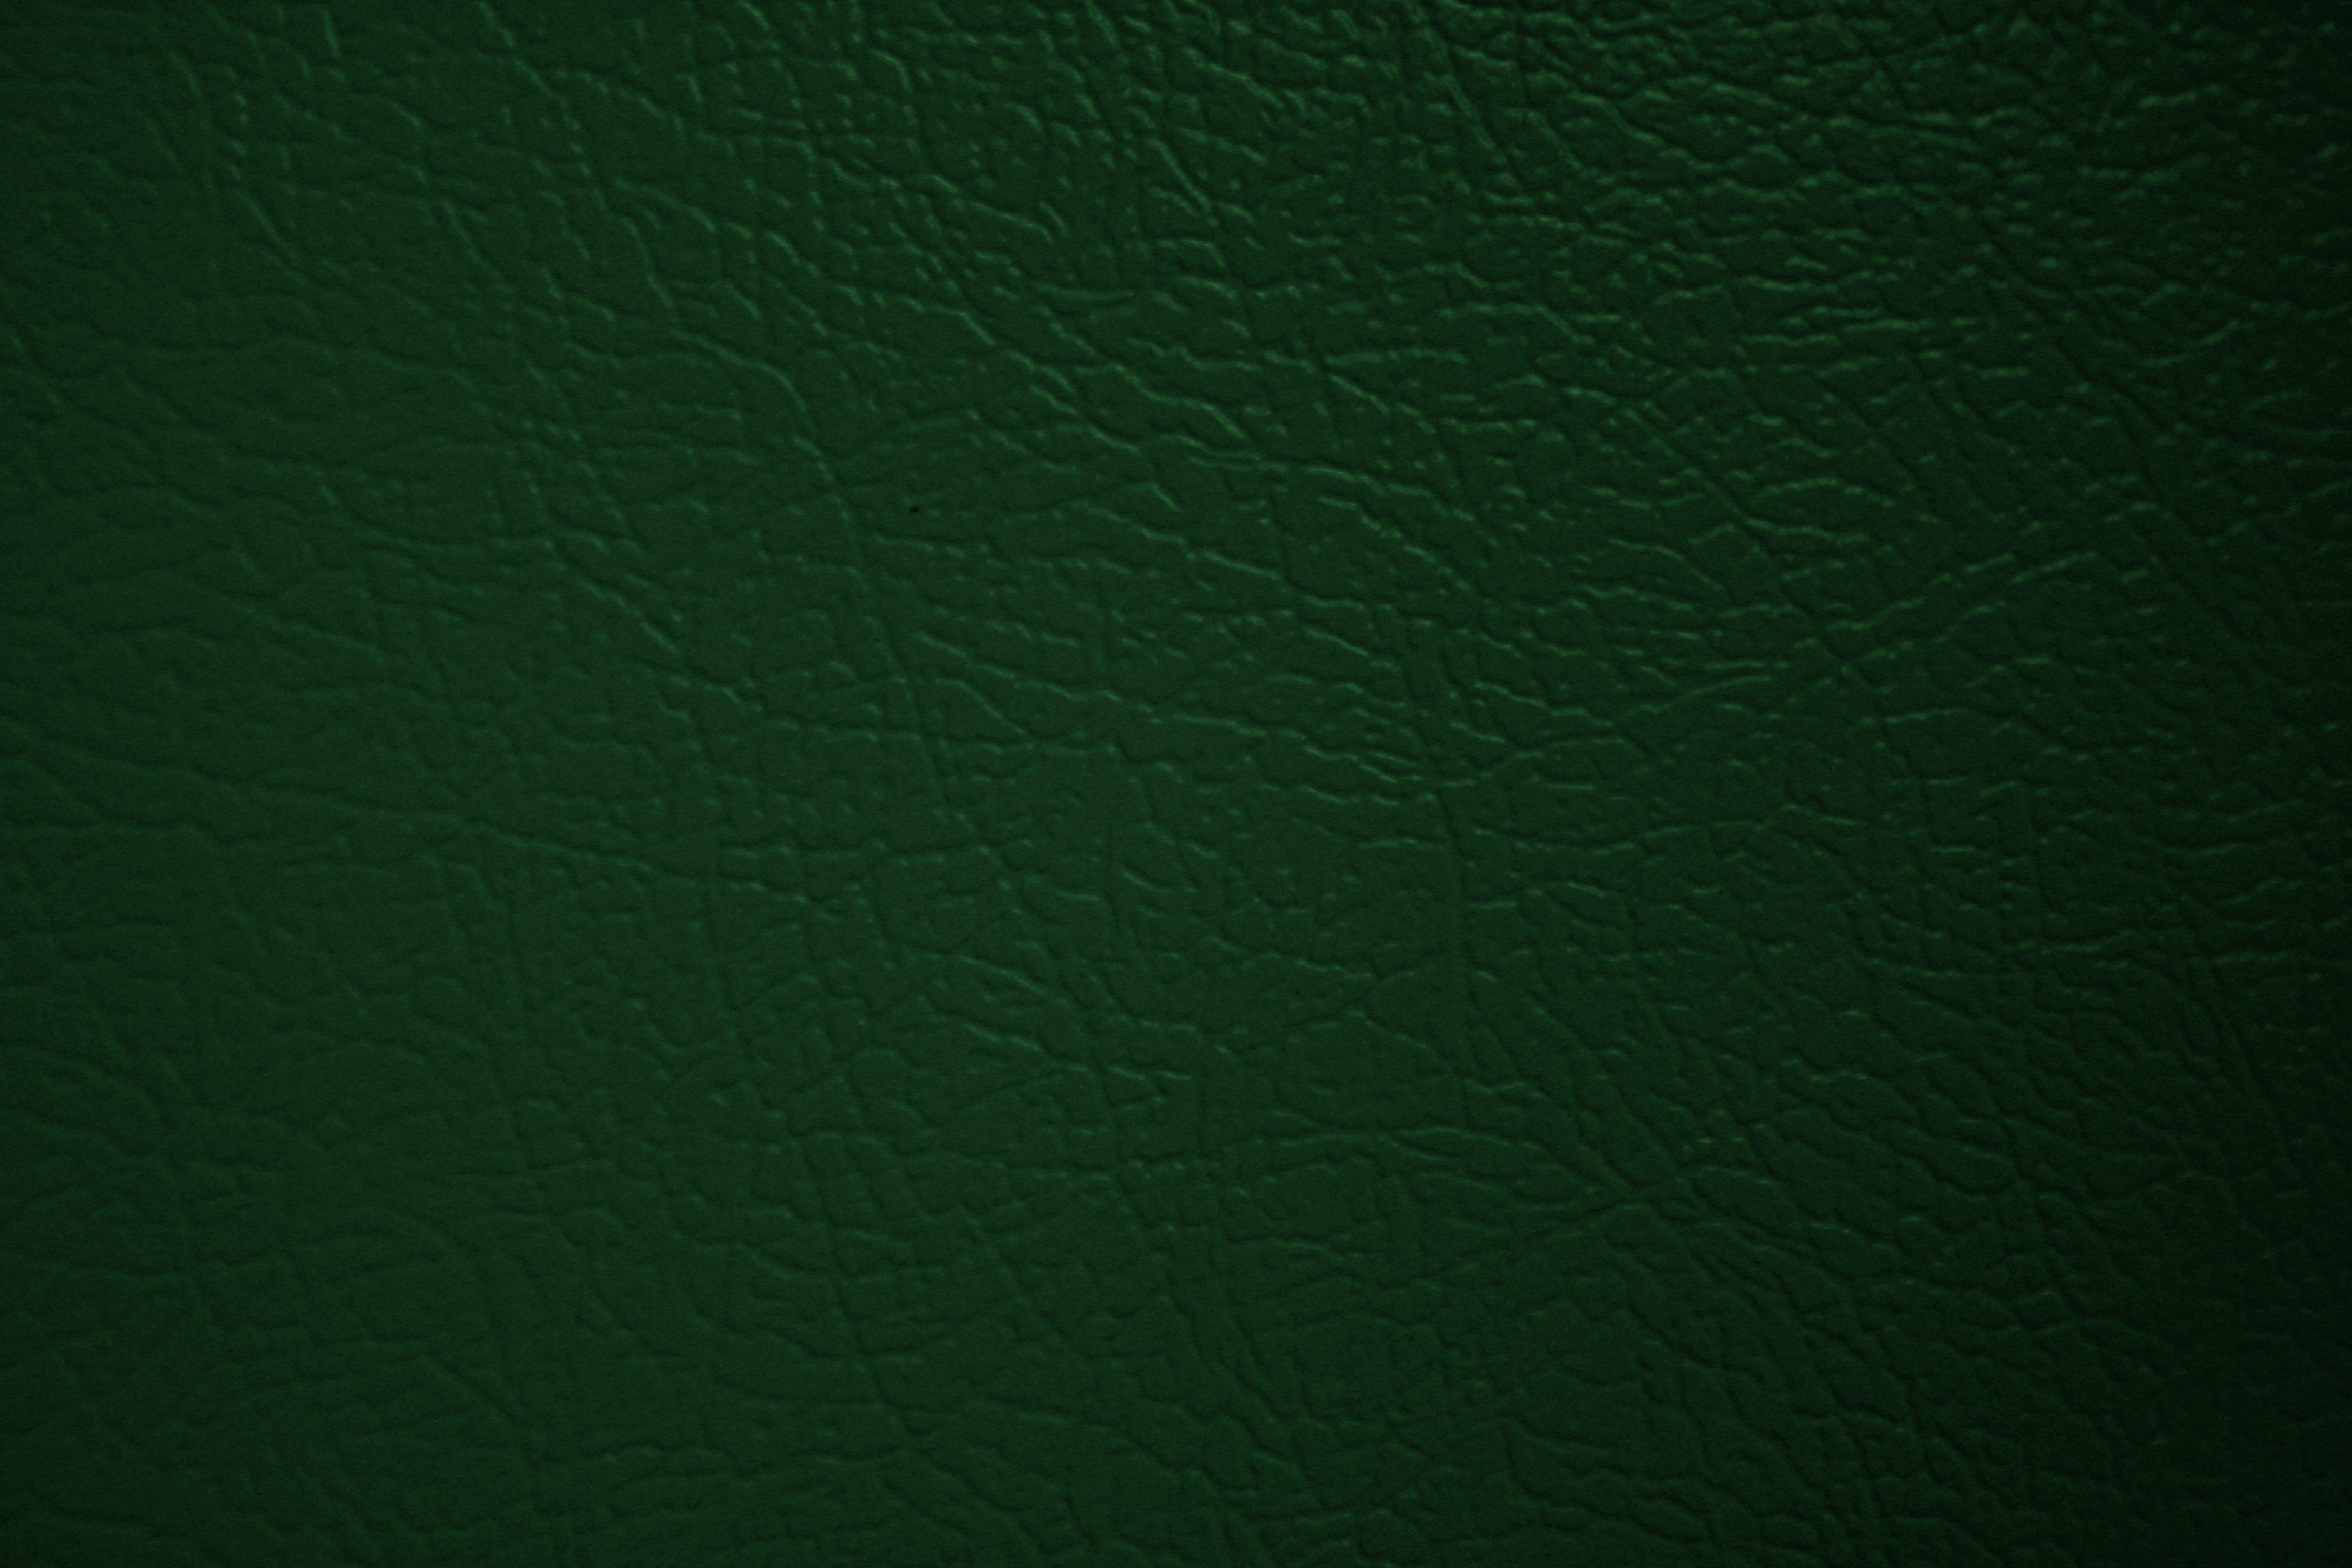 Dark Green Metal Texture   www.pixshark.com - Images ...